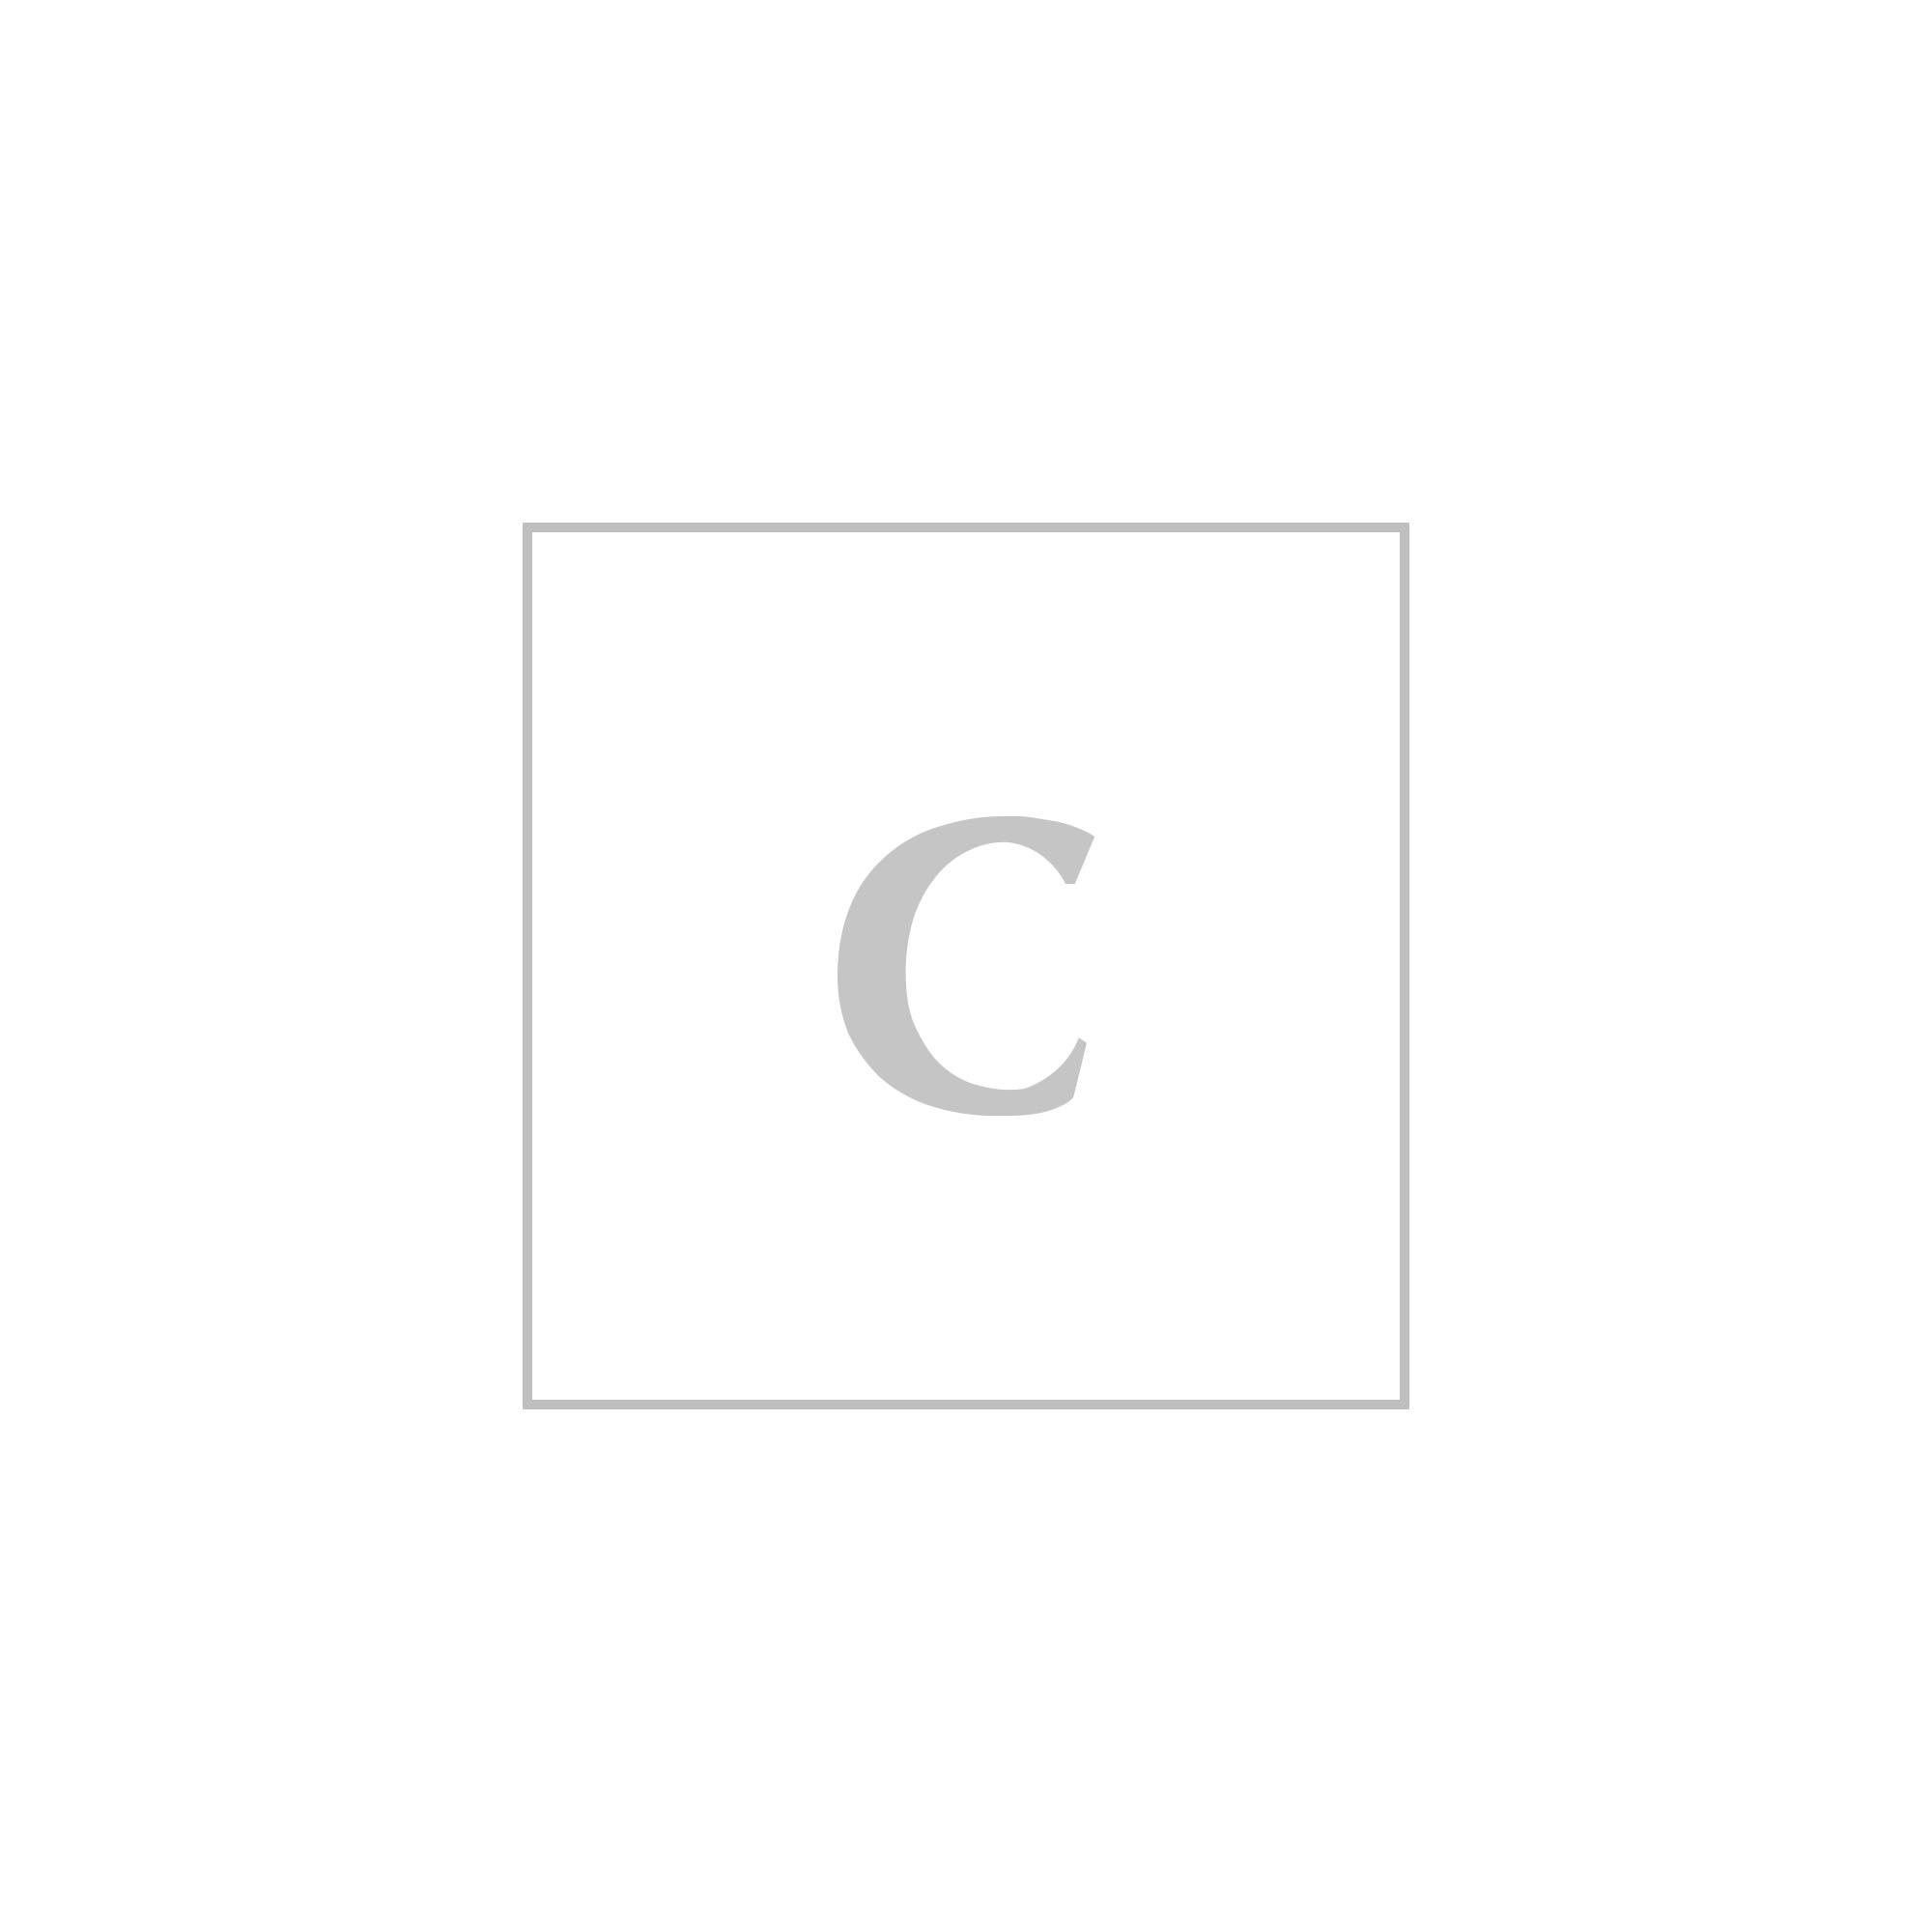 burberry abbigliamento donna t-shirt carrick con inserti check